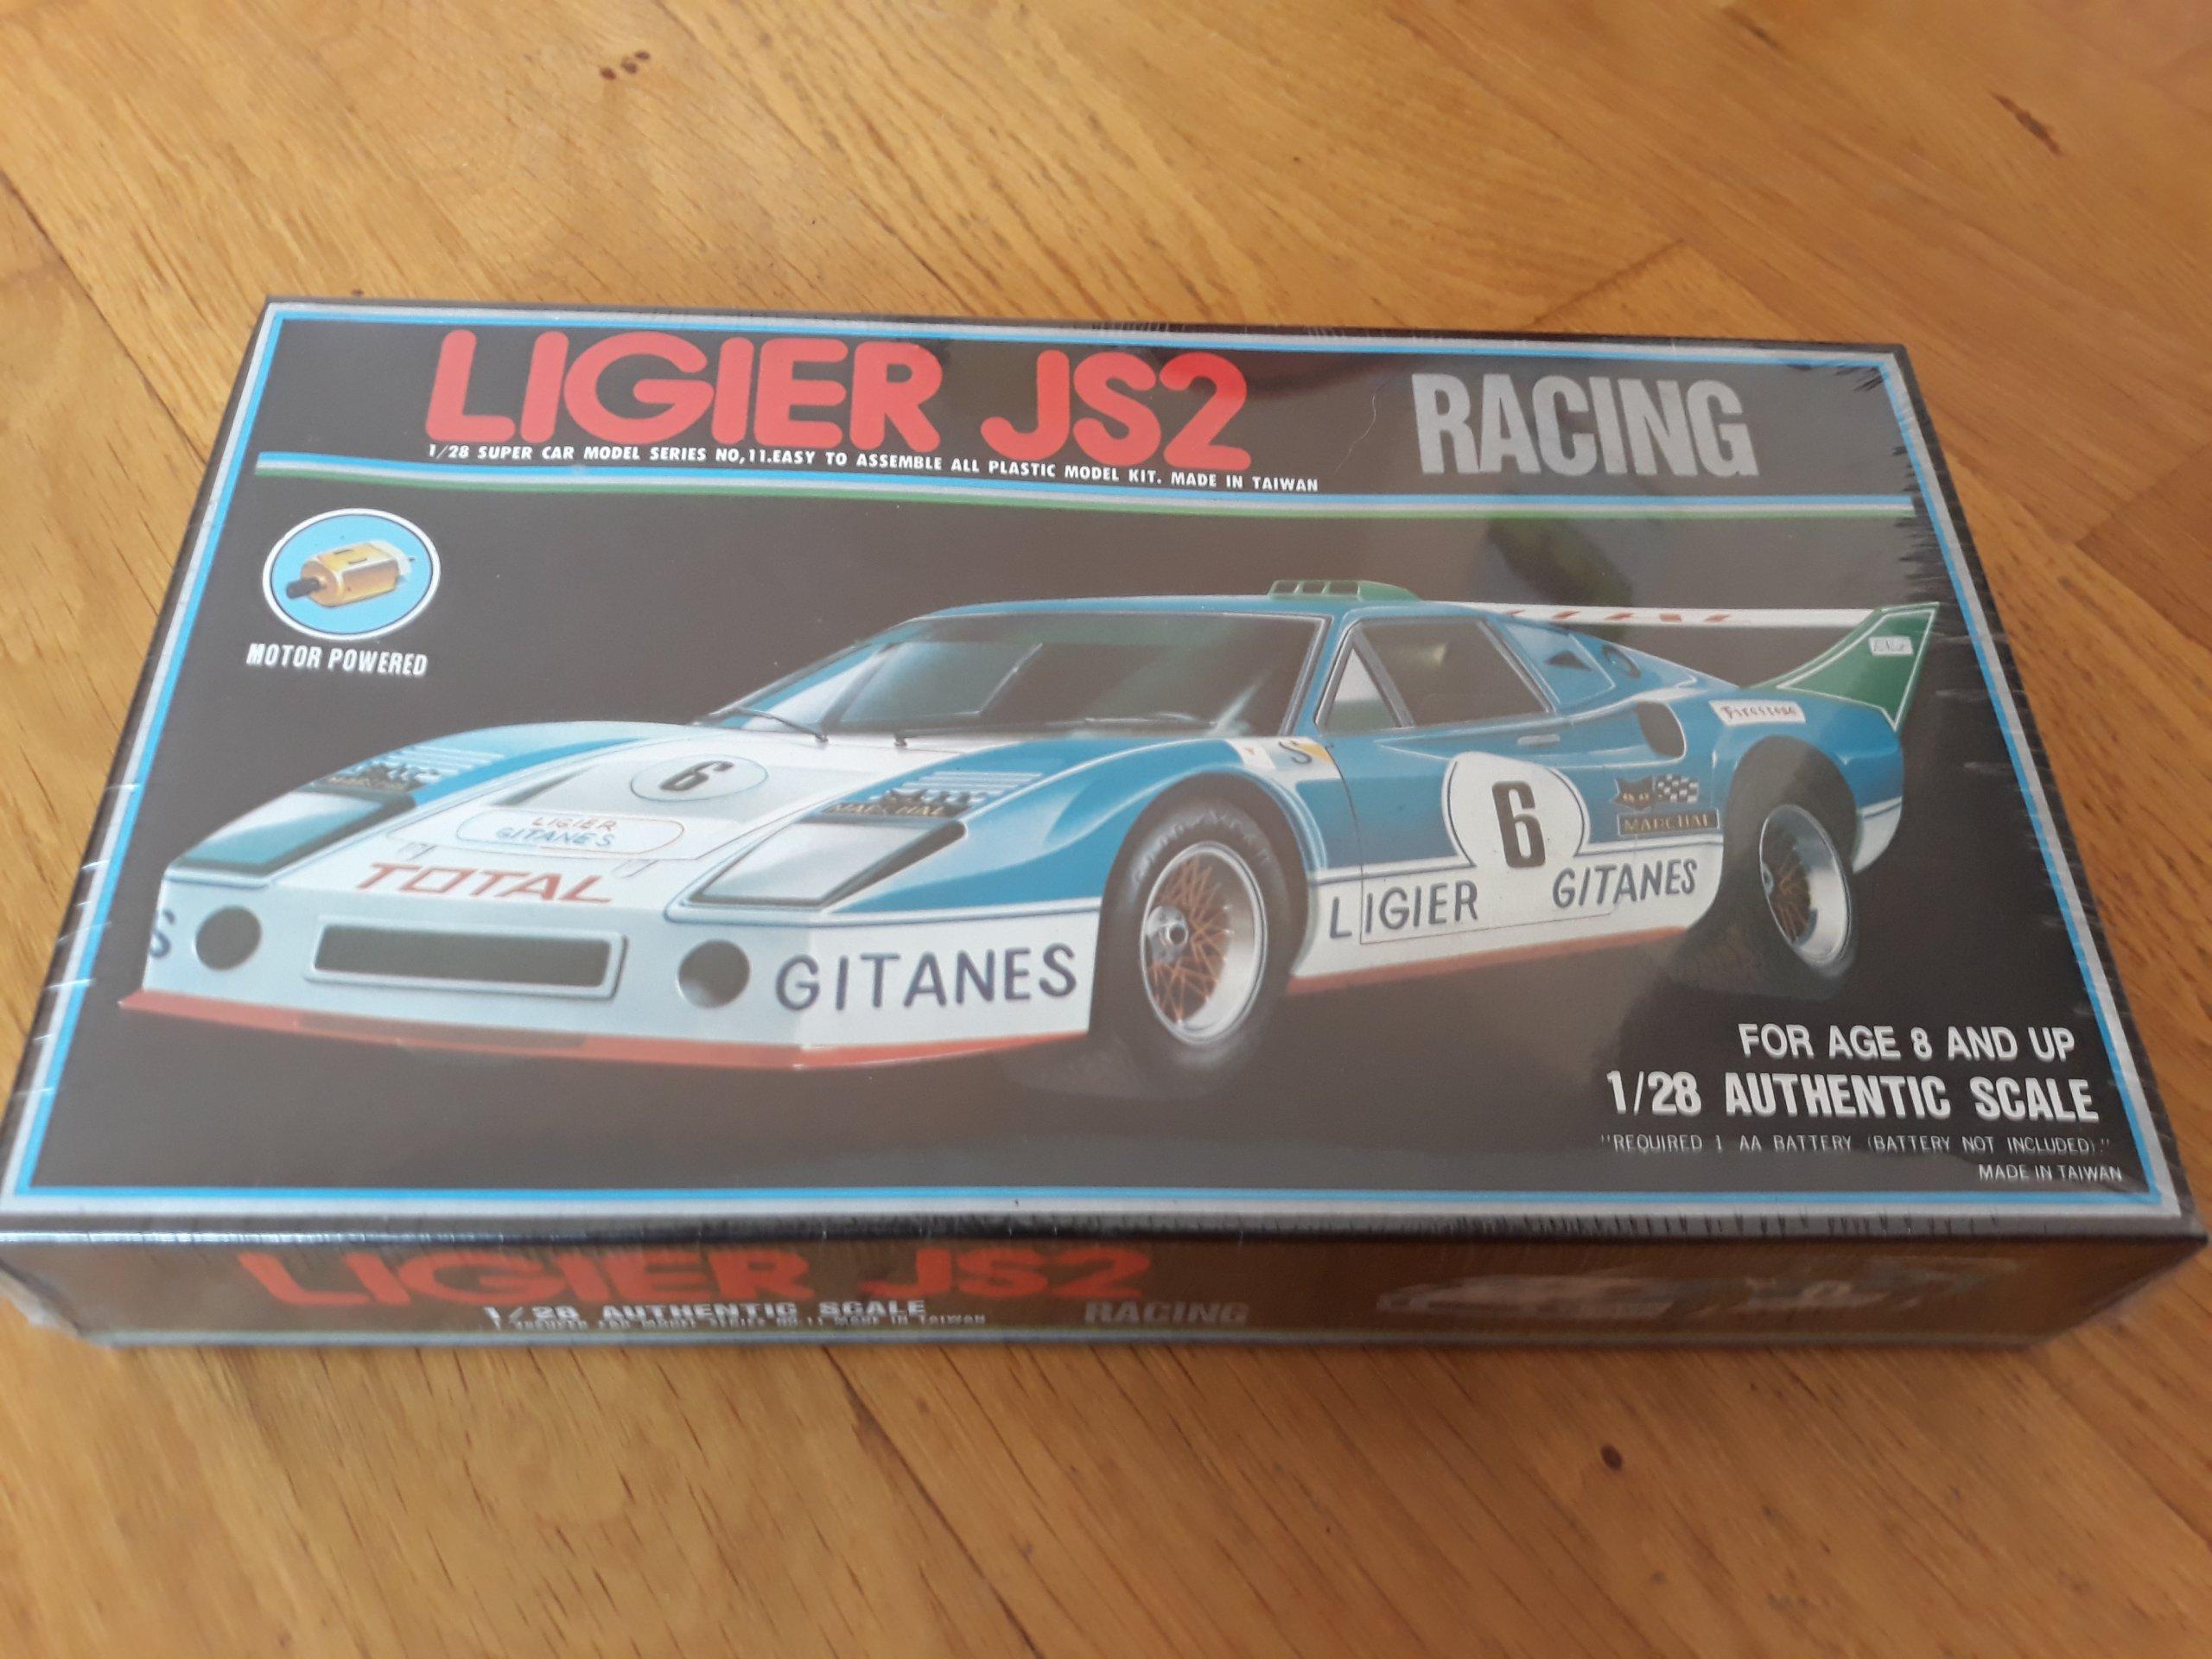 Ligier JS2 Racing